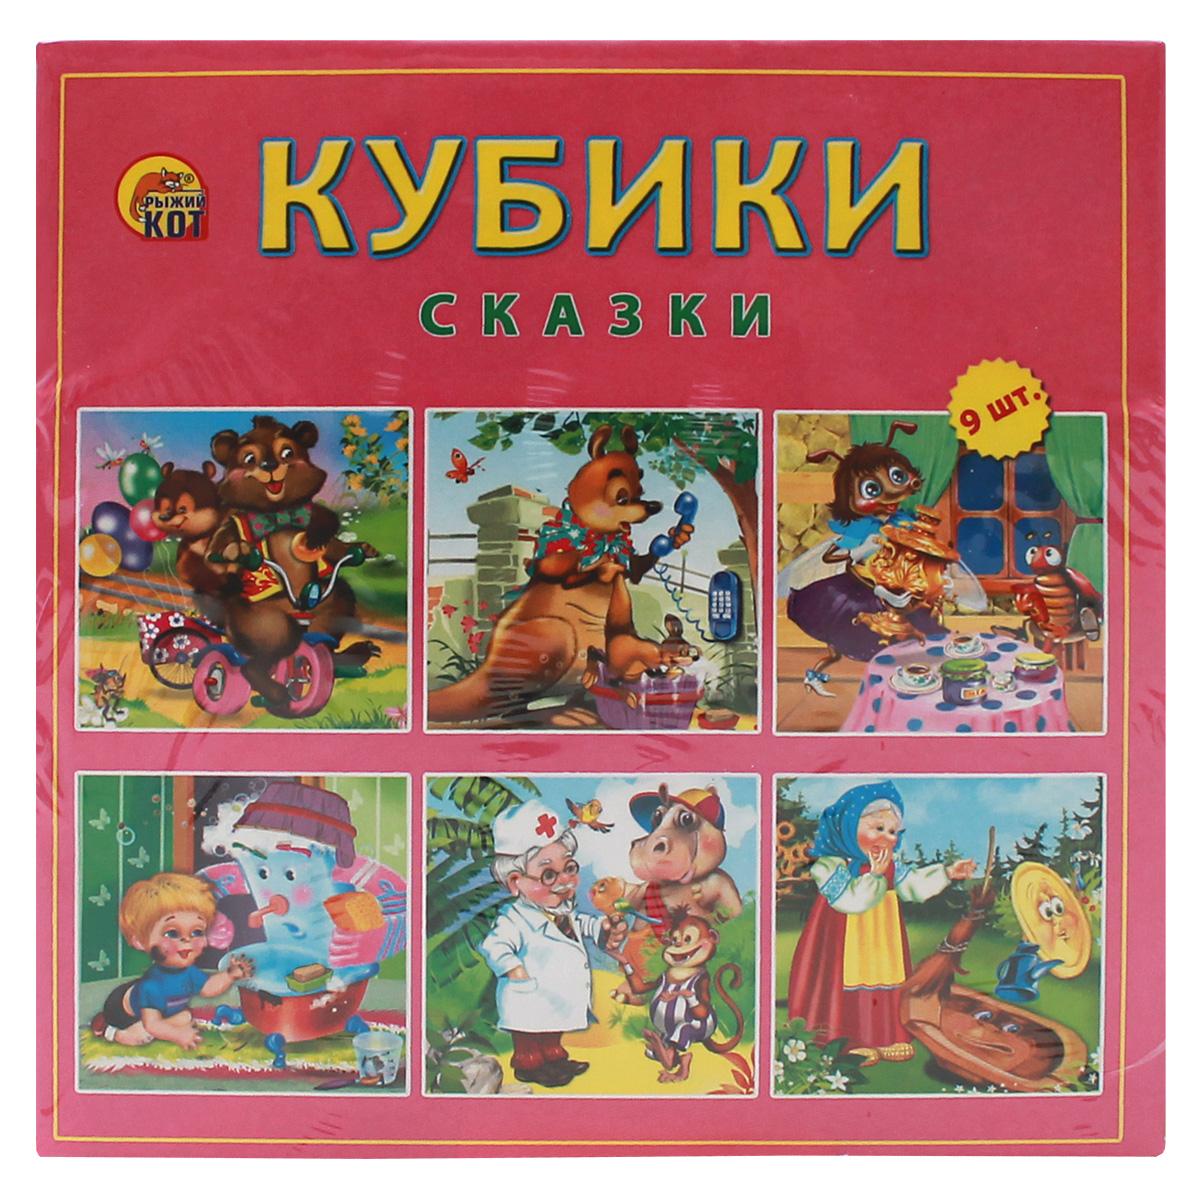 Рыжий Кот Кубики Сказки